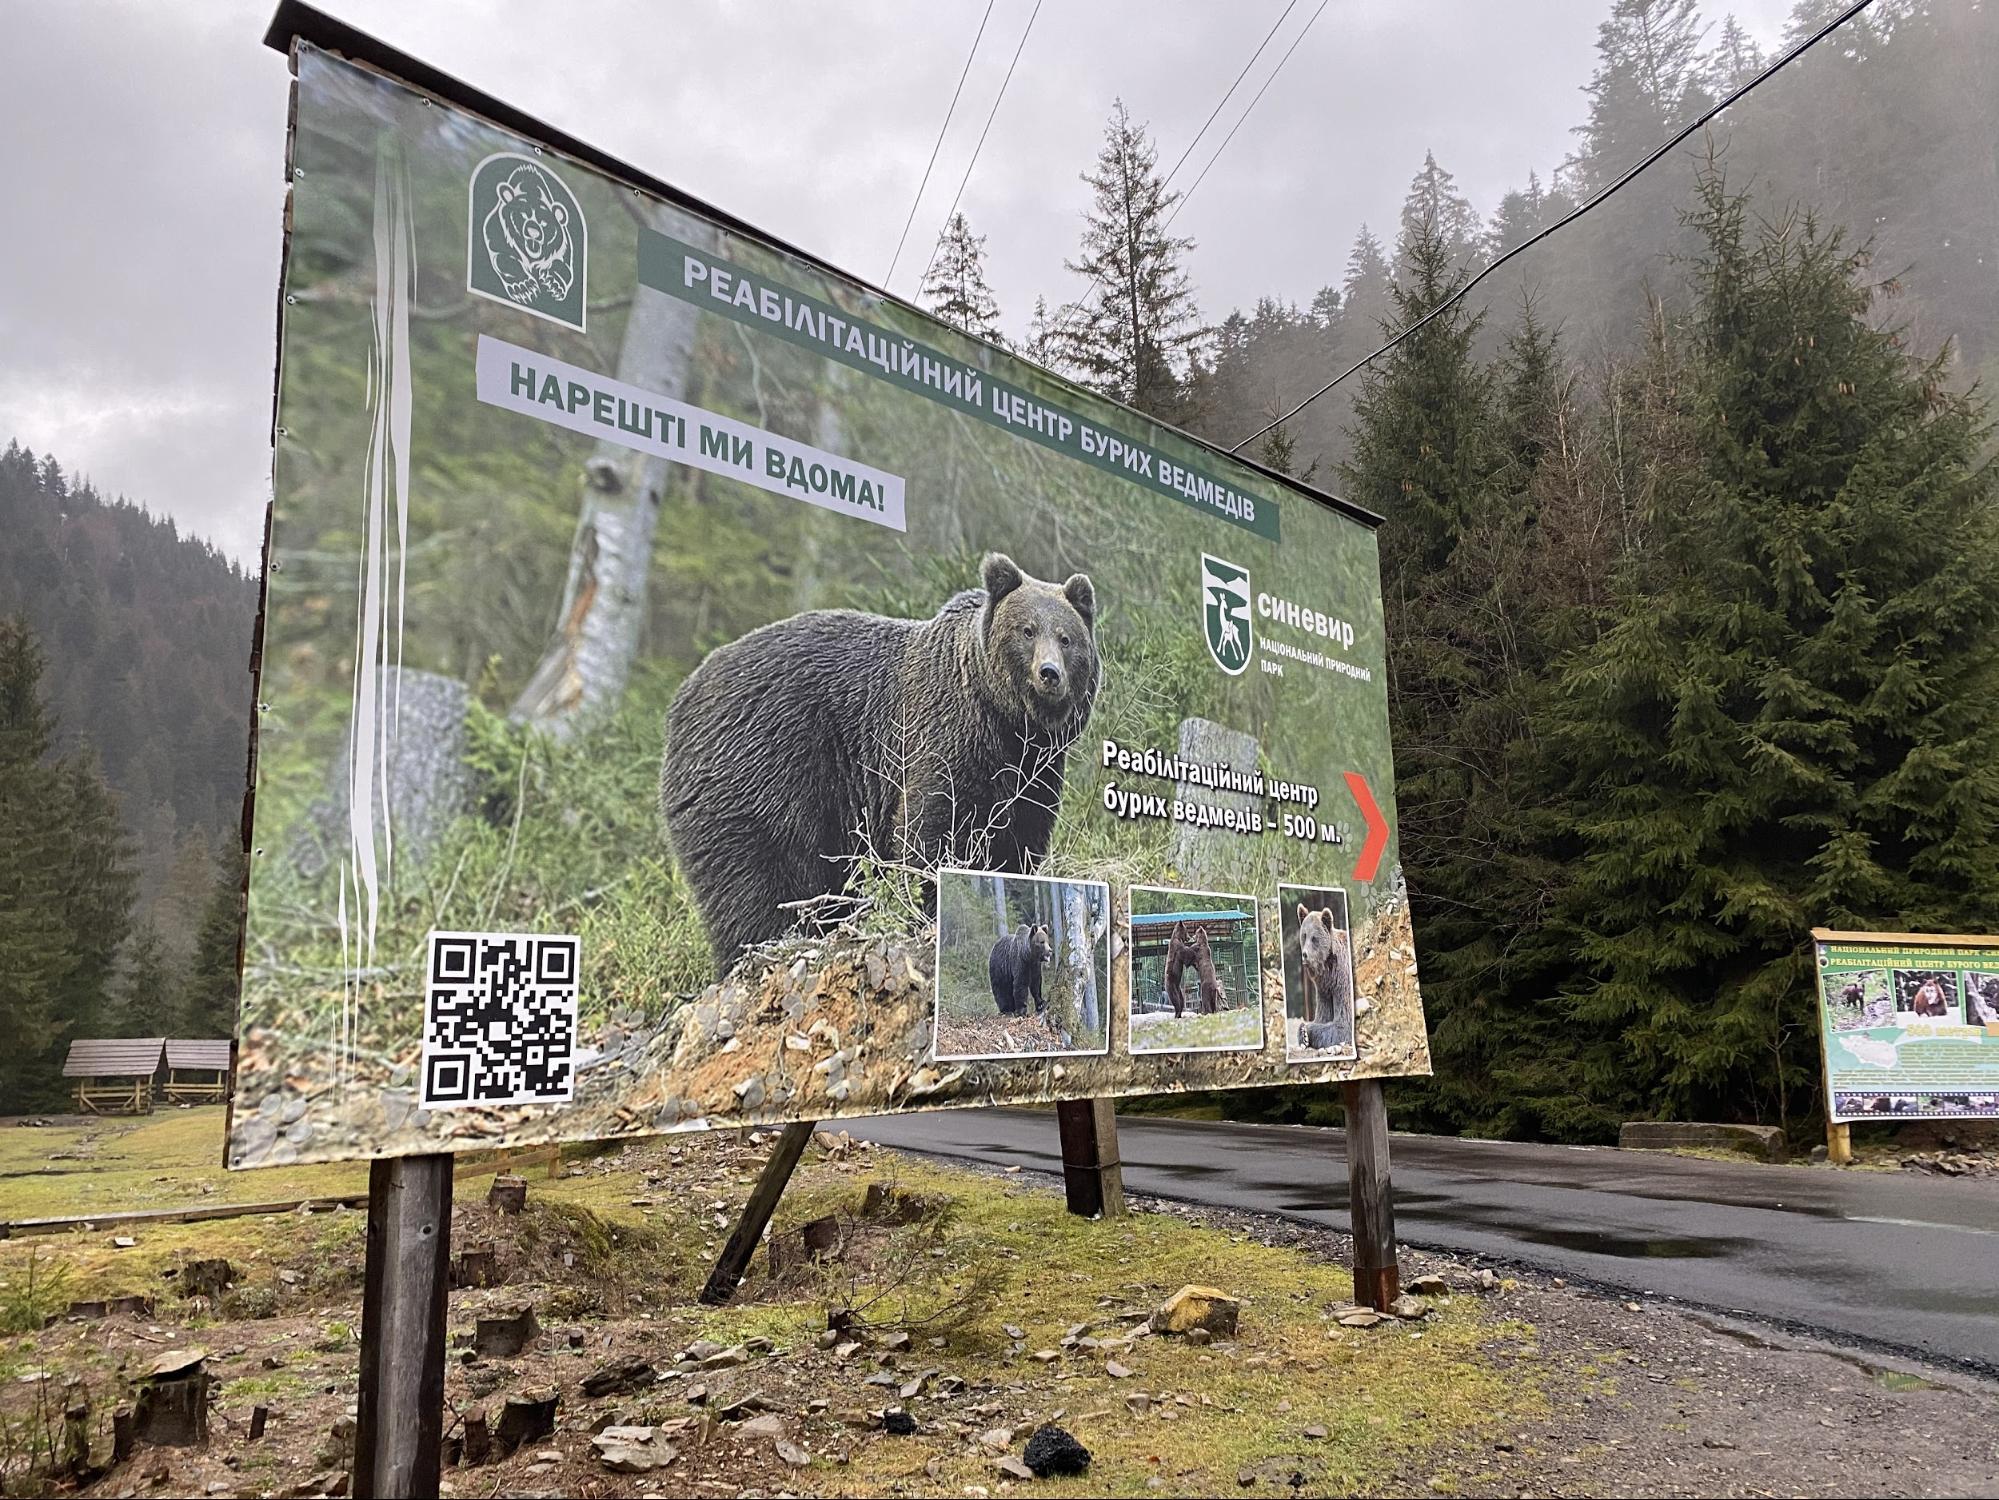 Реабілітація для ведмедів: як на Закарпатті рятують червонокнижний вид